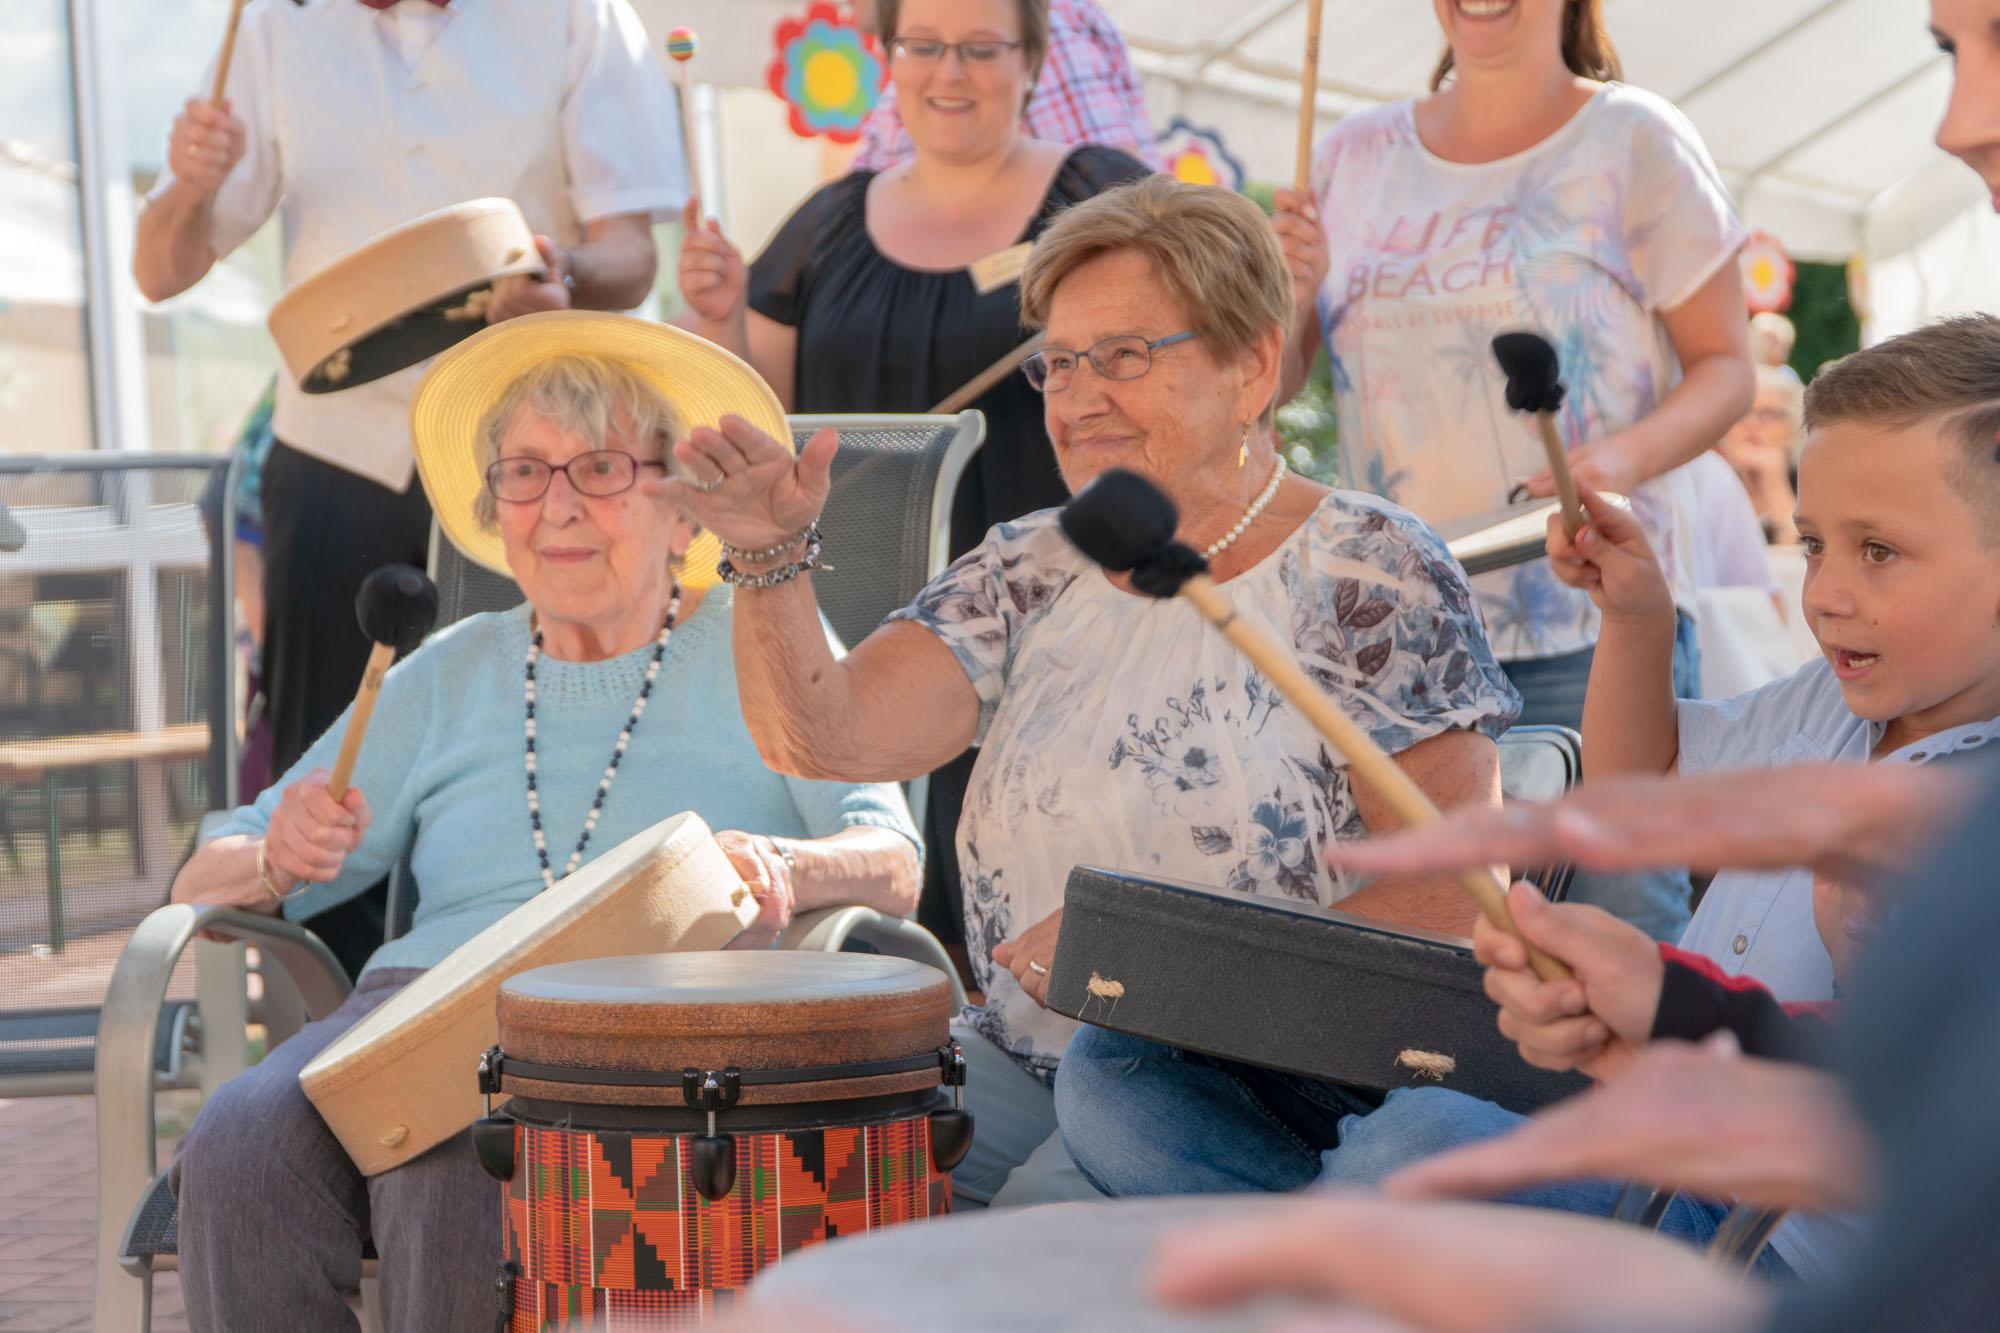 Wir Sind Altenpflege Seniorendomizil Riepenblick Sommerfest Drum Circle11. August 2018 ARMAMDO VERANO-36